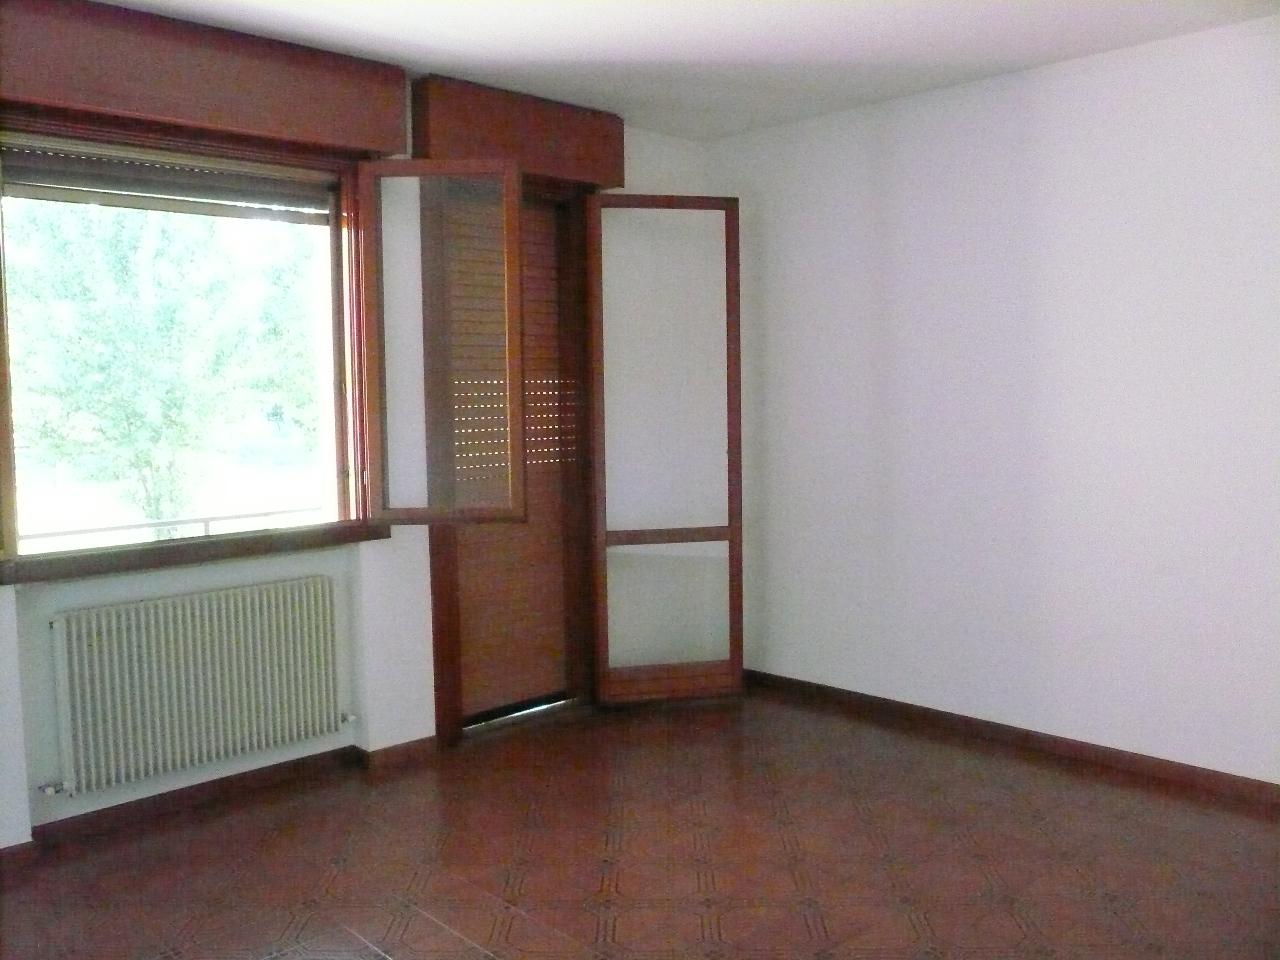 Appartamento in affitto a Silea, 5 locali, zona Località: Centro, prezzo € 490 | CambioCasa.it